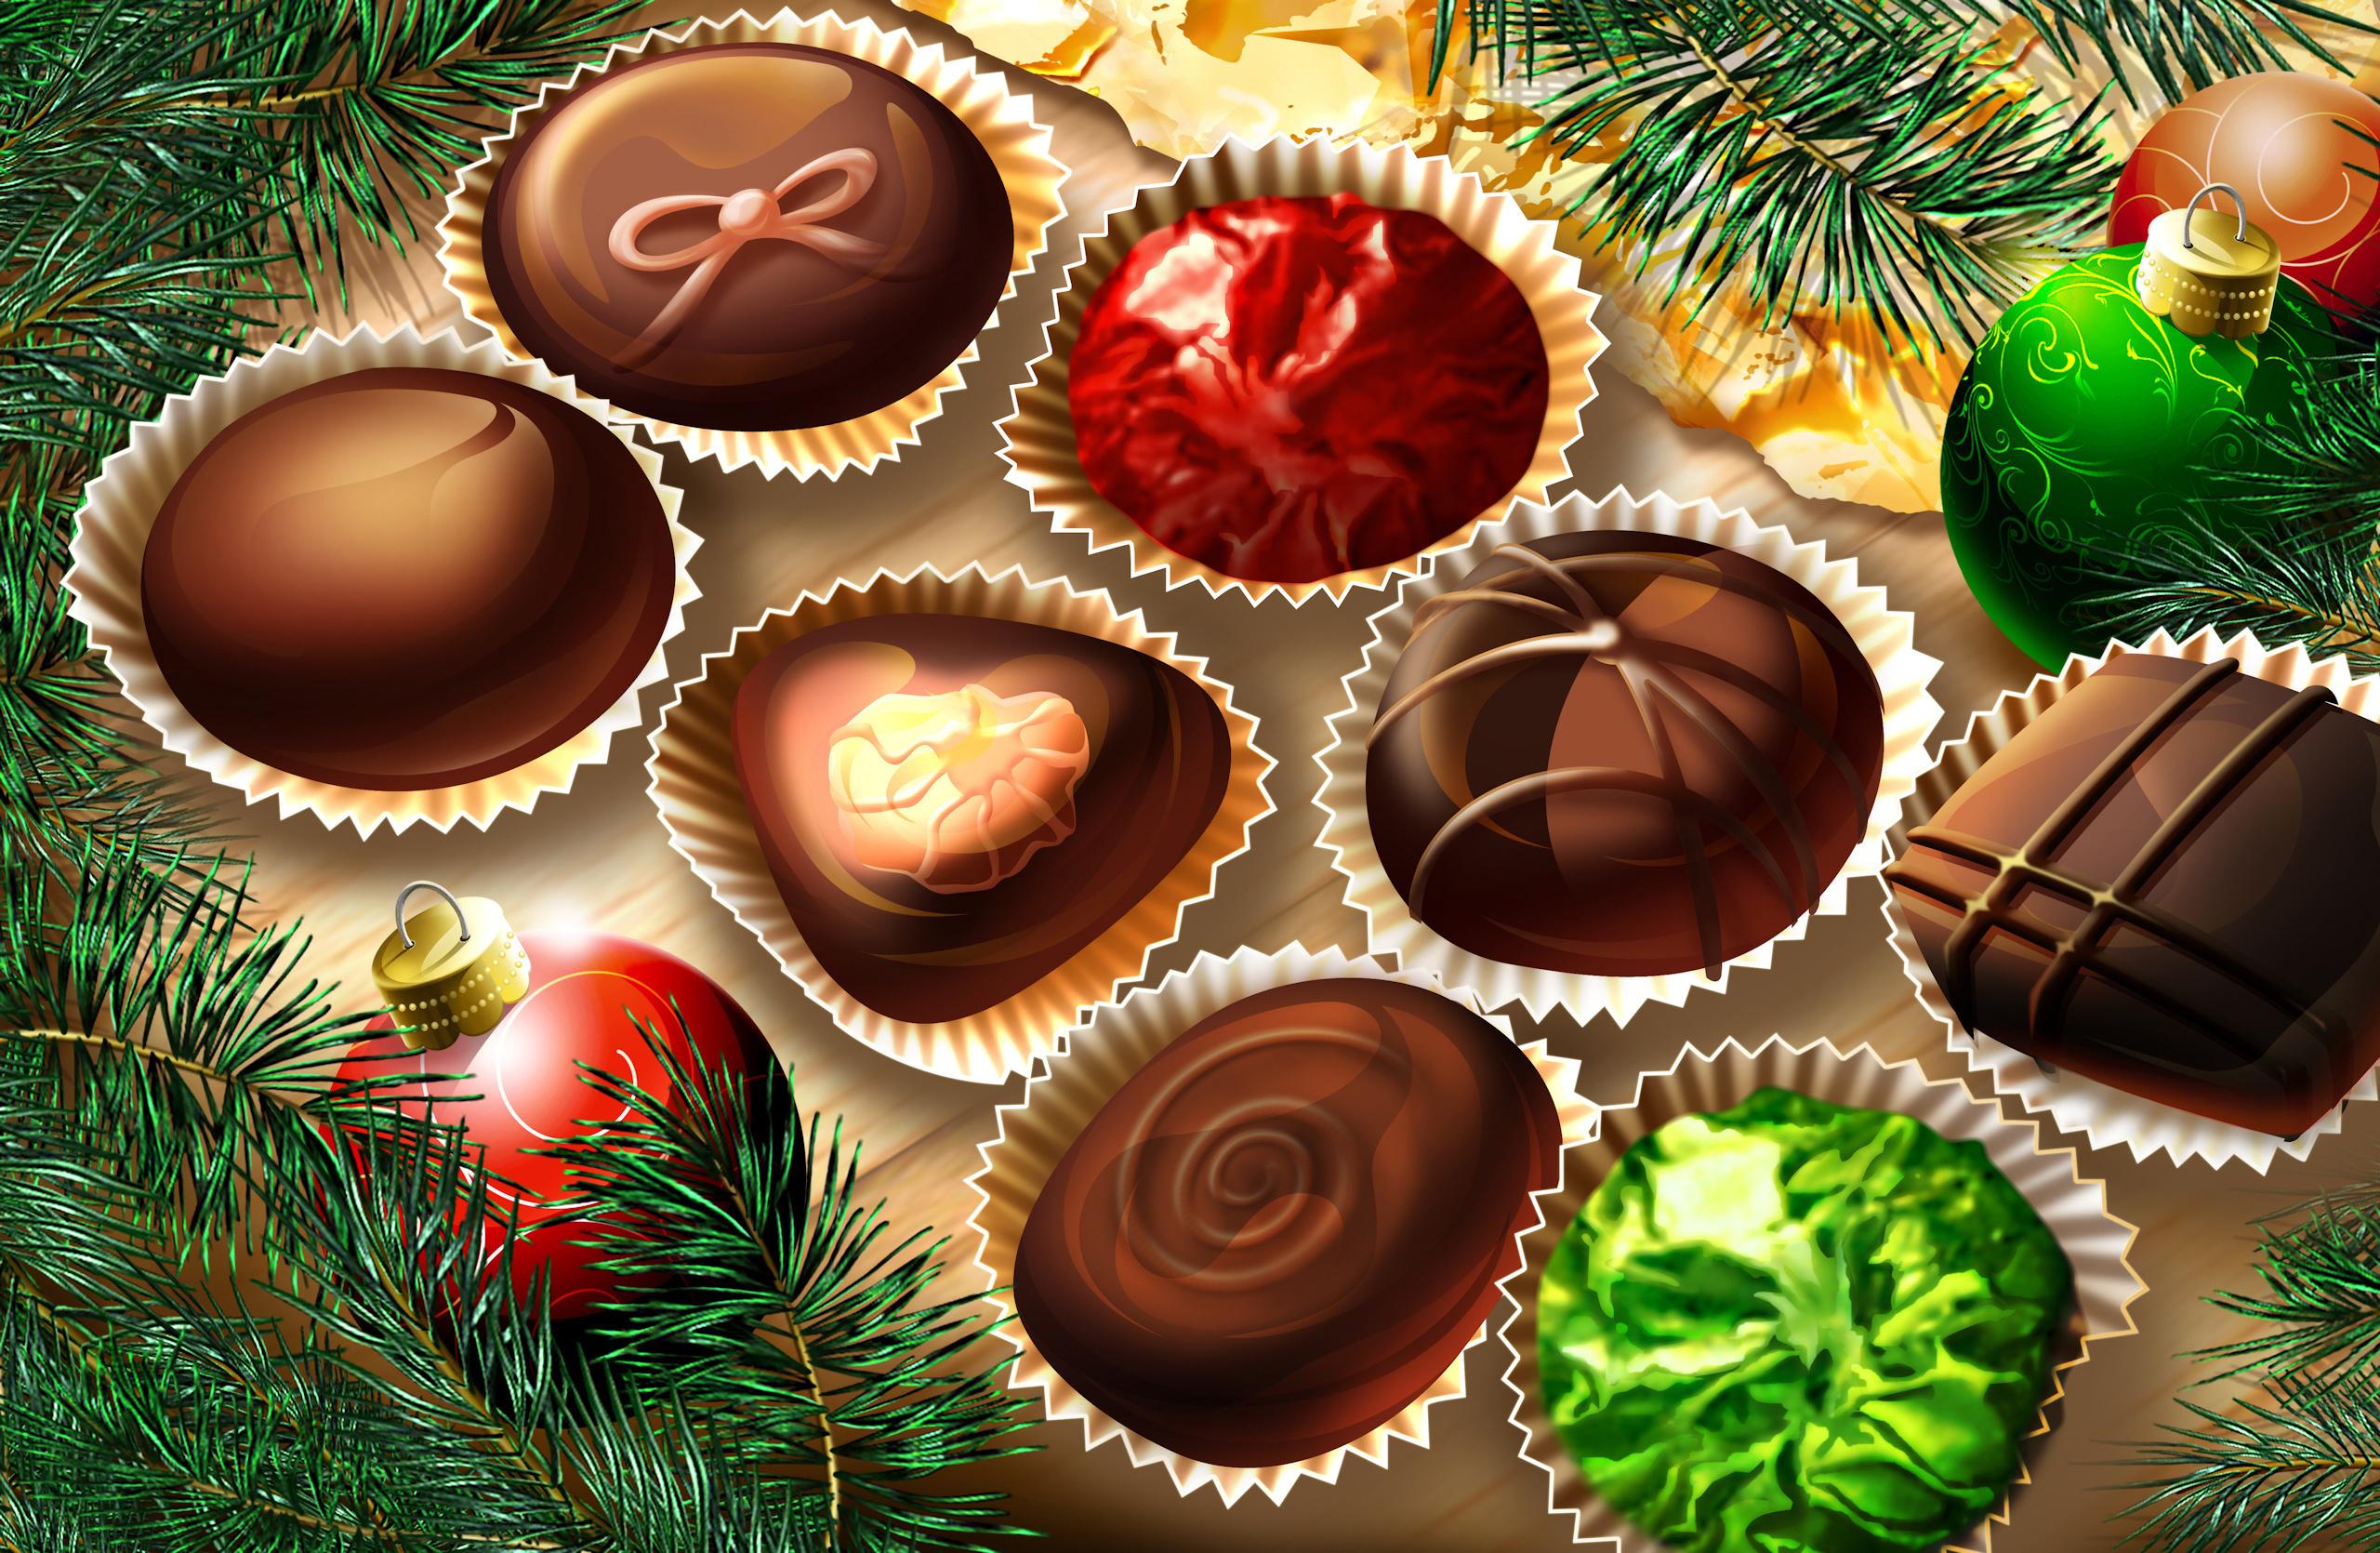 ... рабочего стола, картинки Новый год на: desktopwallpapers.org.ua/newyear/11198-sladosti-novyj-god-konfety...